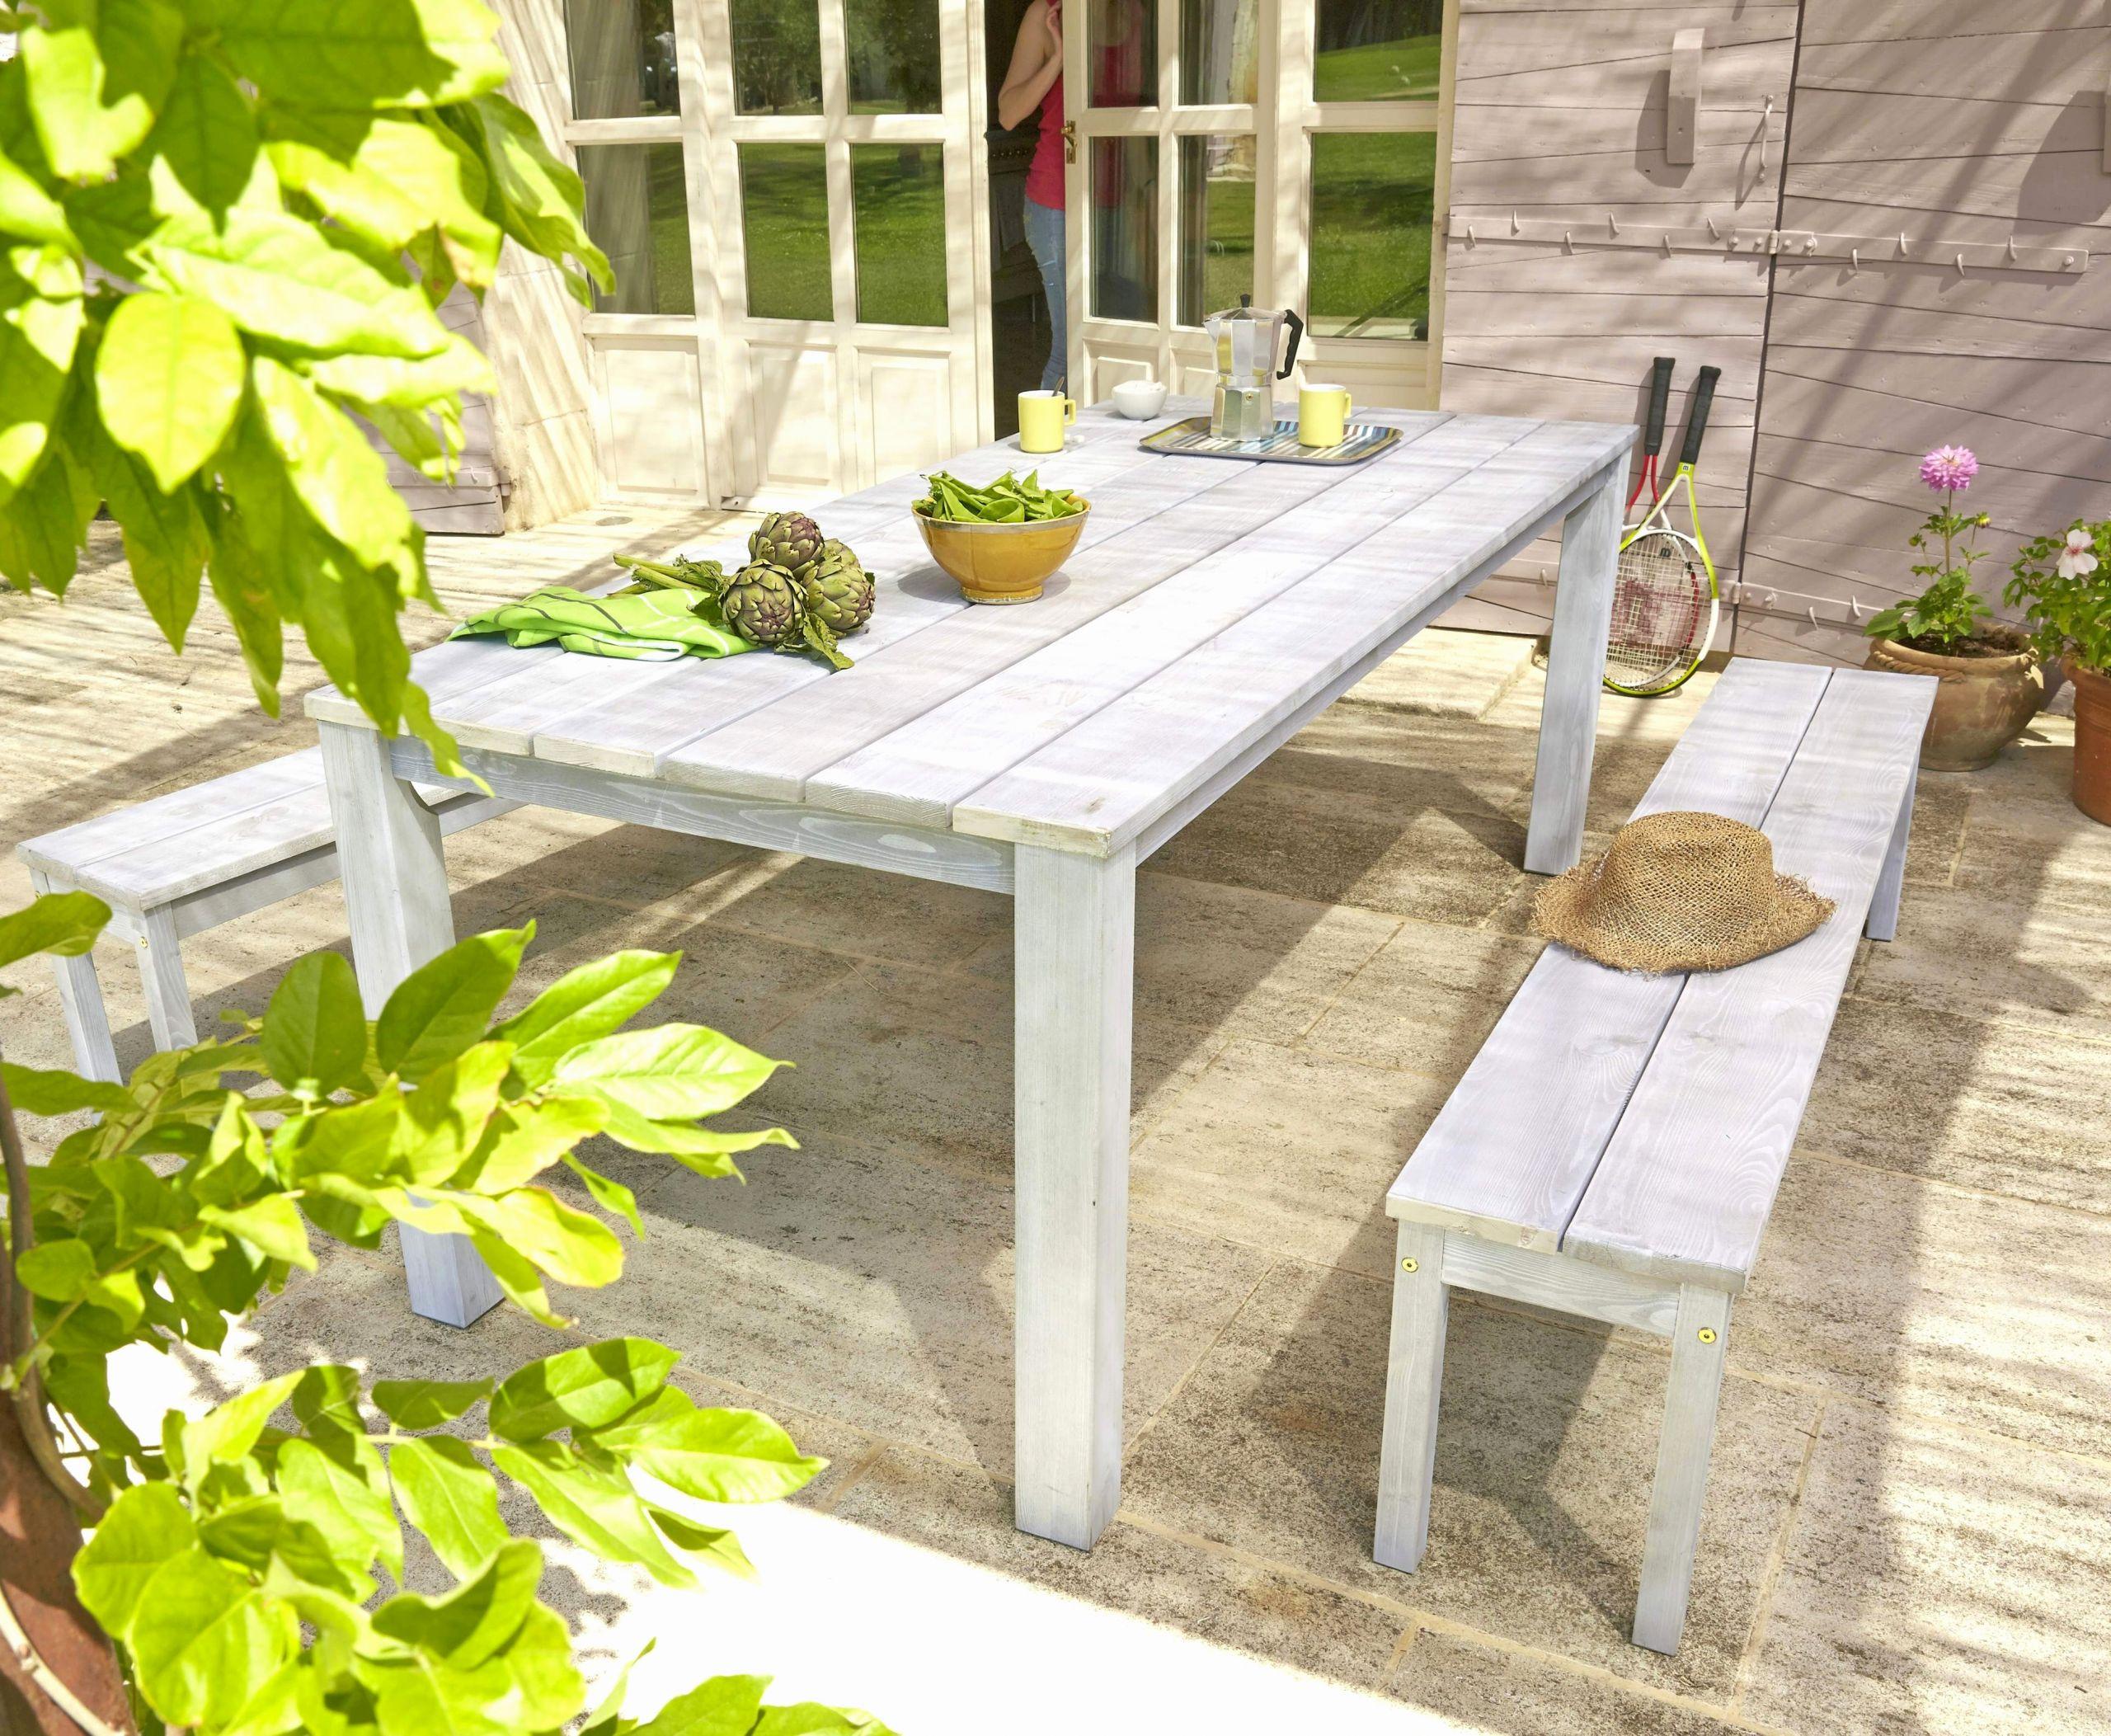 table contemporaine bois et metal source dinspiration banc jardin pas cher chaise jardin bois meuble bois metal aicck of table contemporaine bois et metal